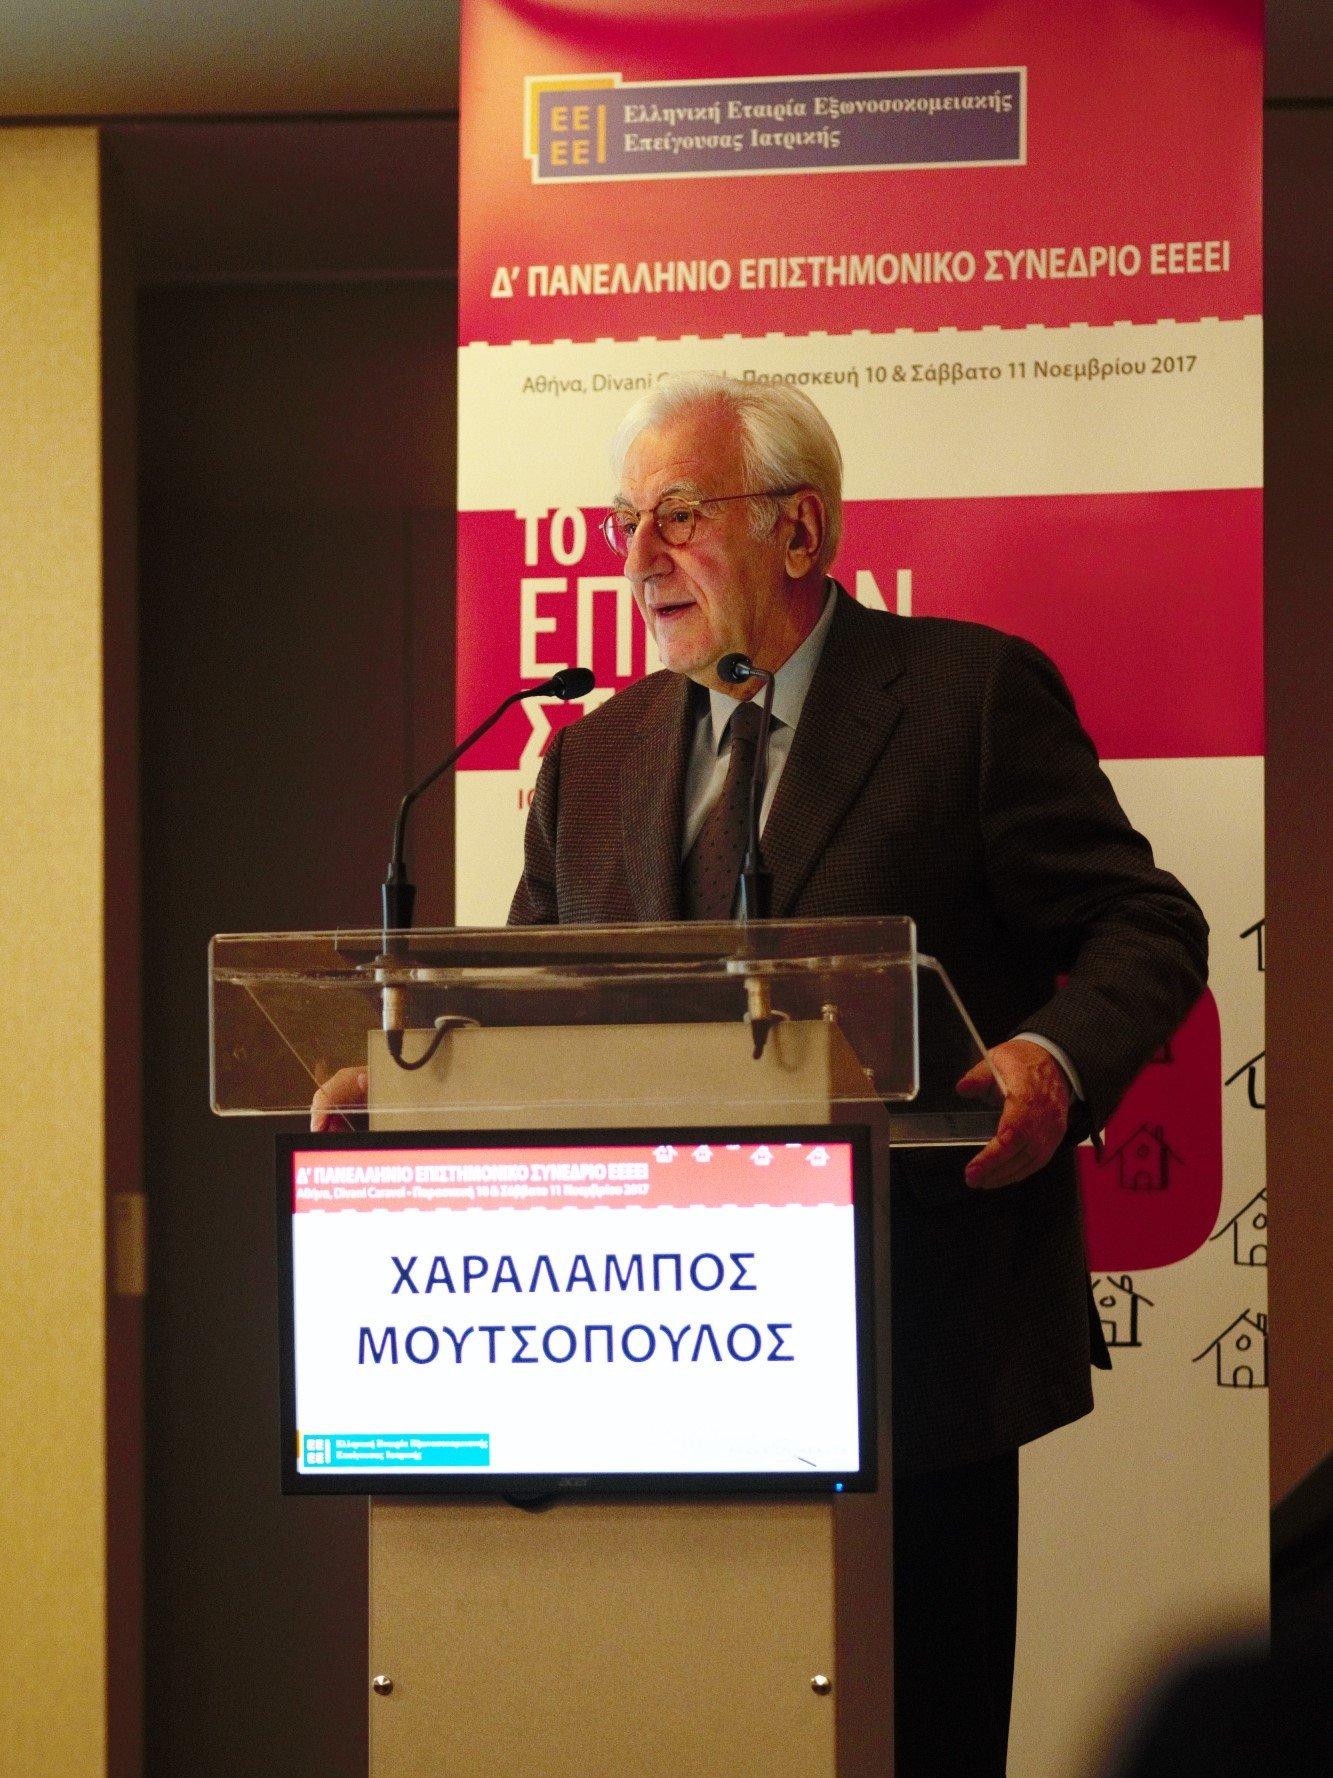 Καθηγητής Χαράλαμπος Μουτσόπουλος